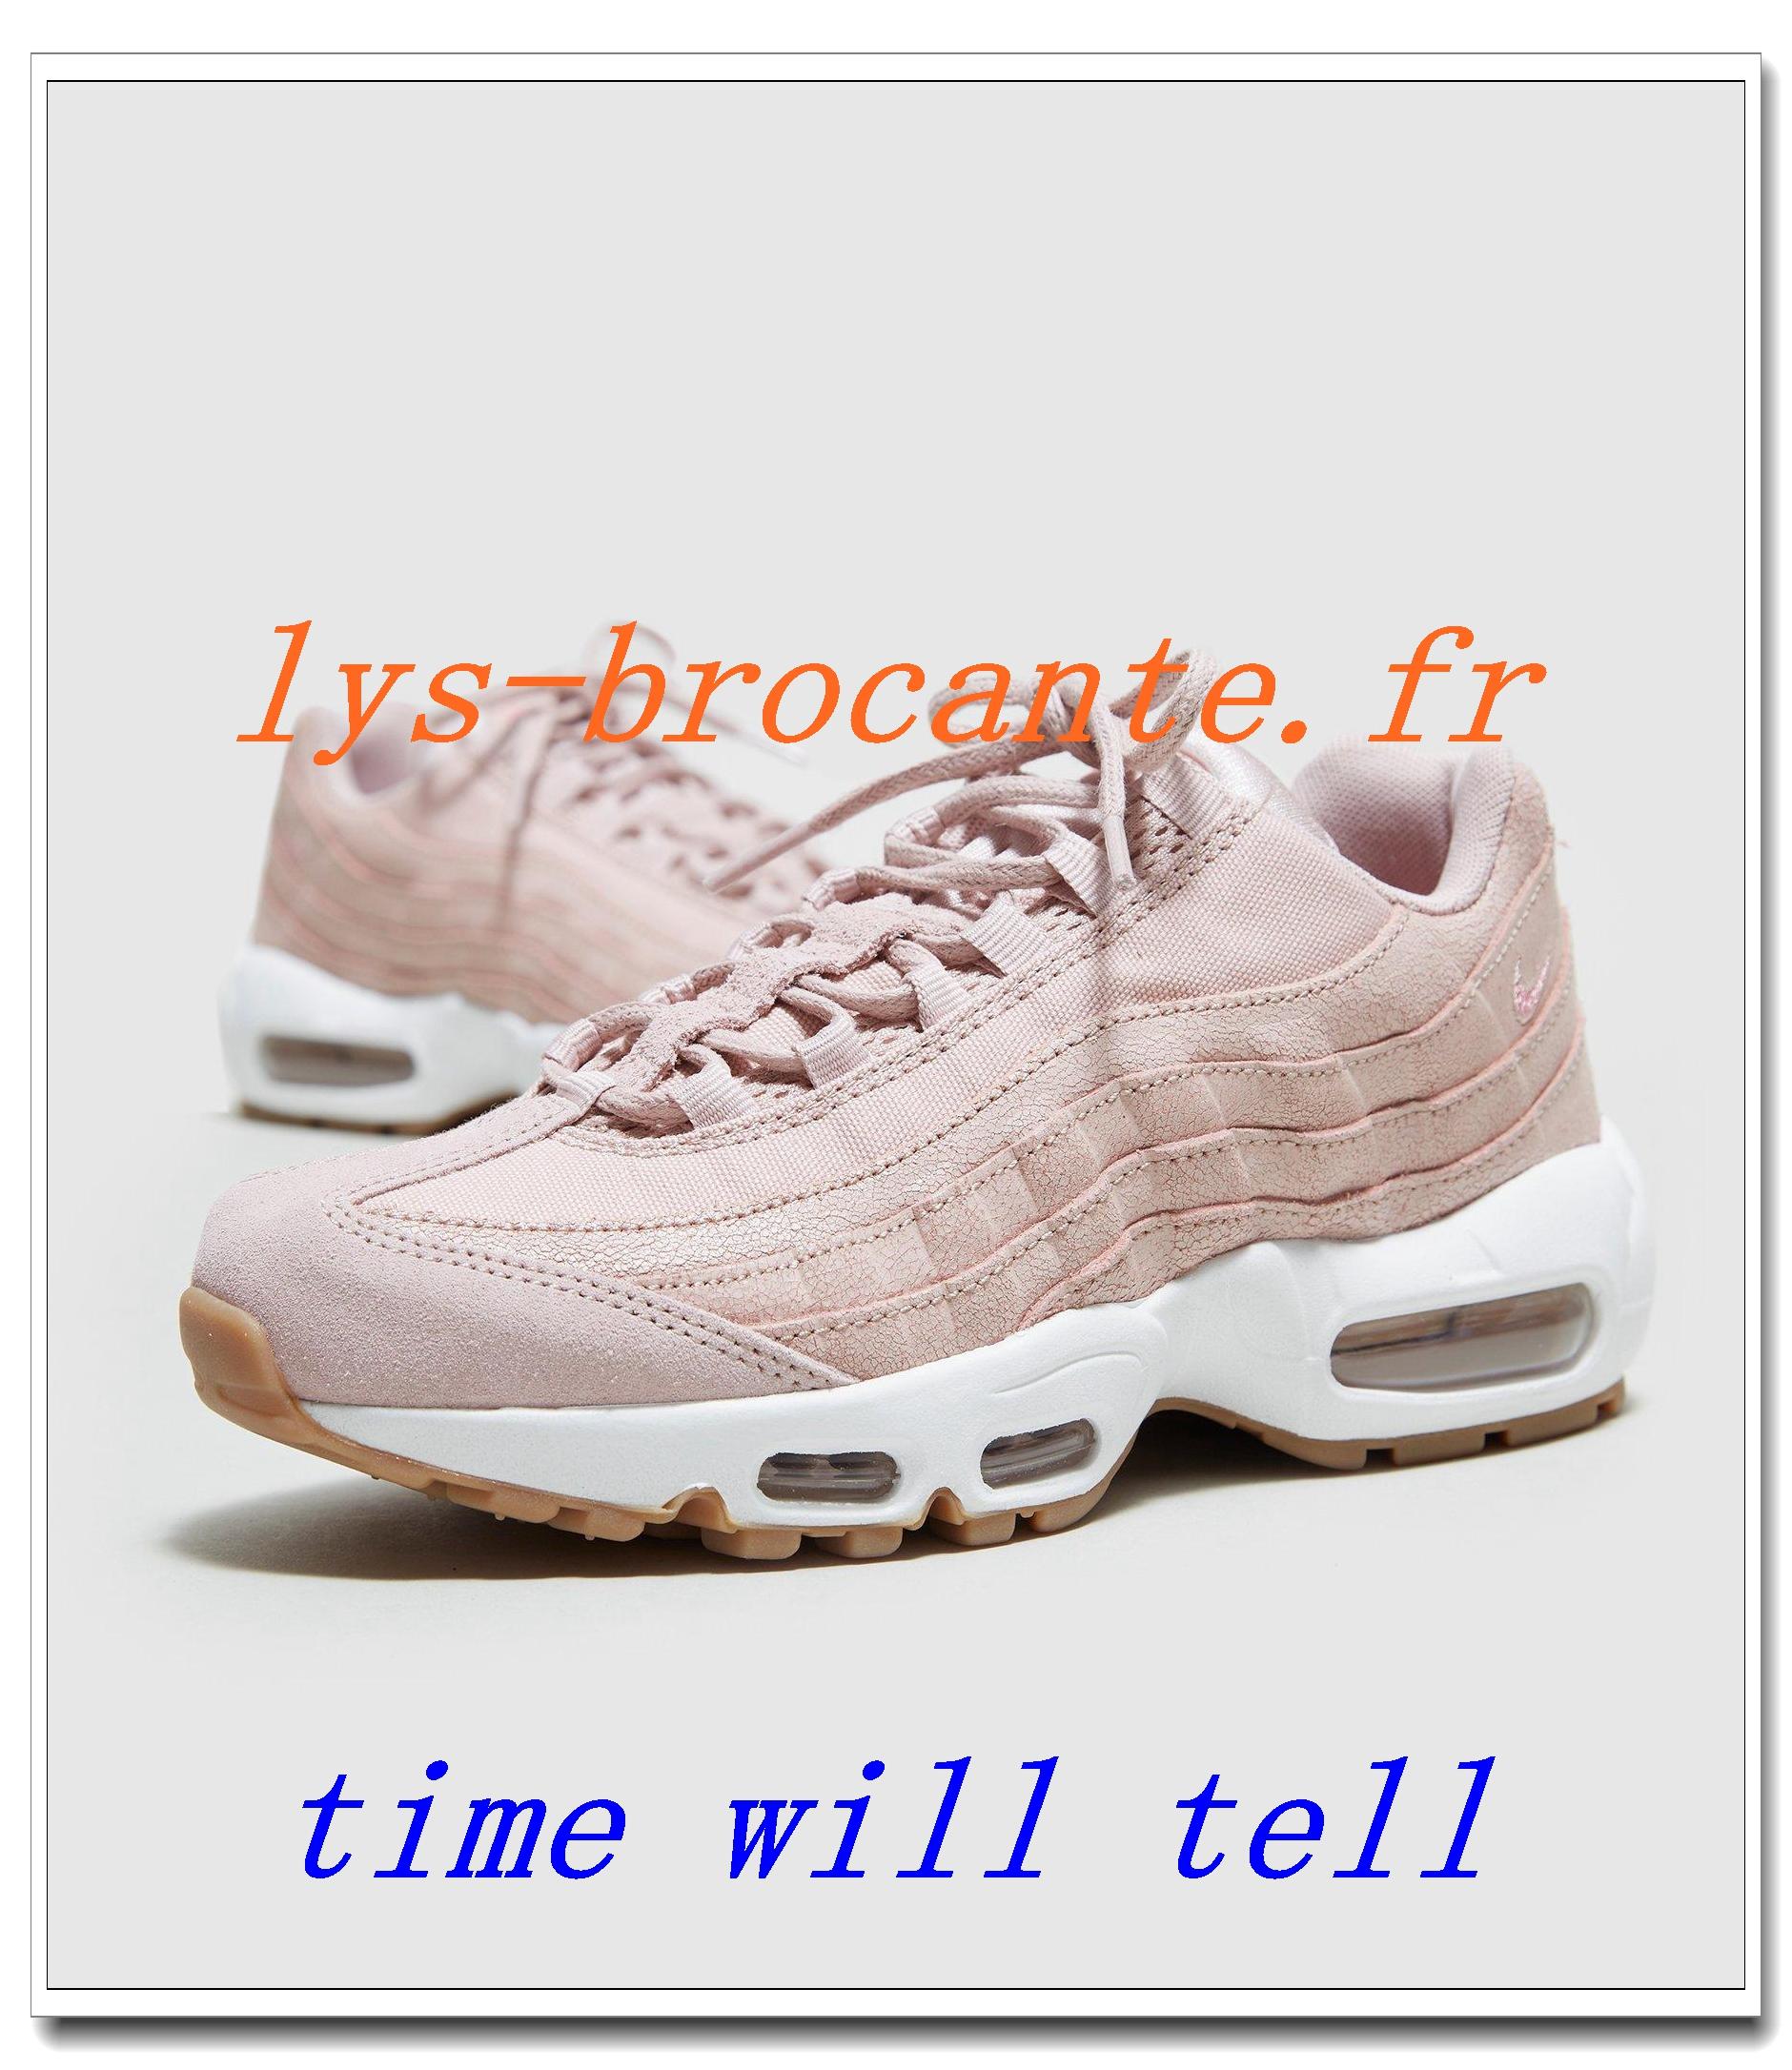 c623d77199 ... Grands baskets discount Nike en ligne à vendre. L authentique vente de air  max 95 ...